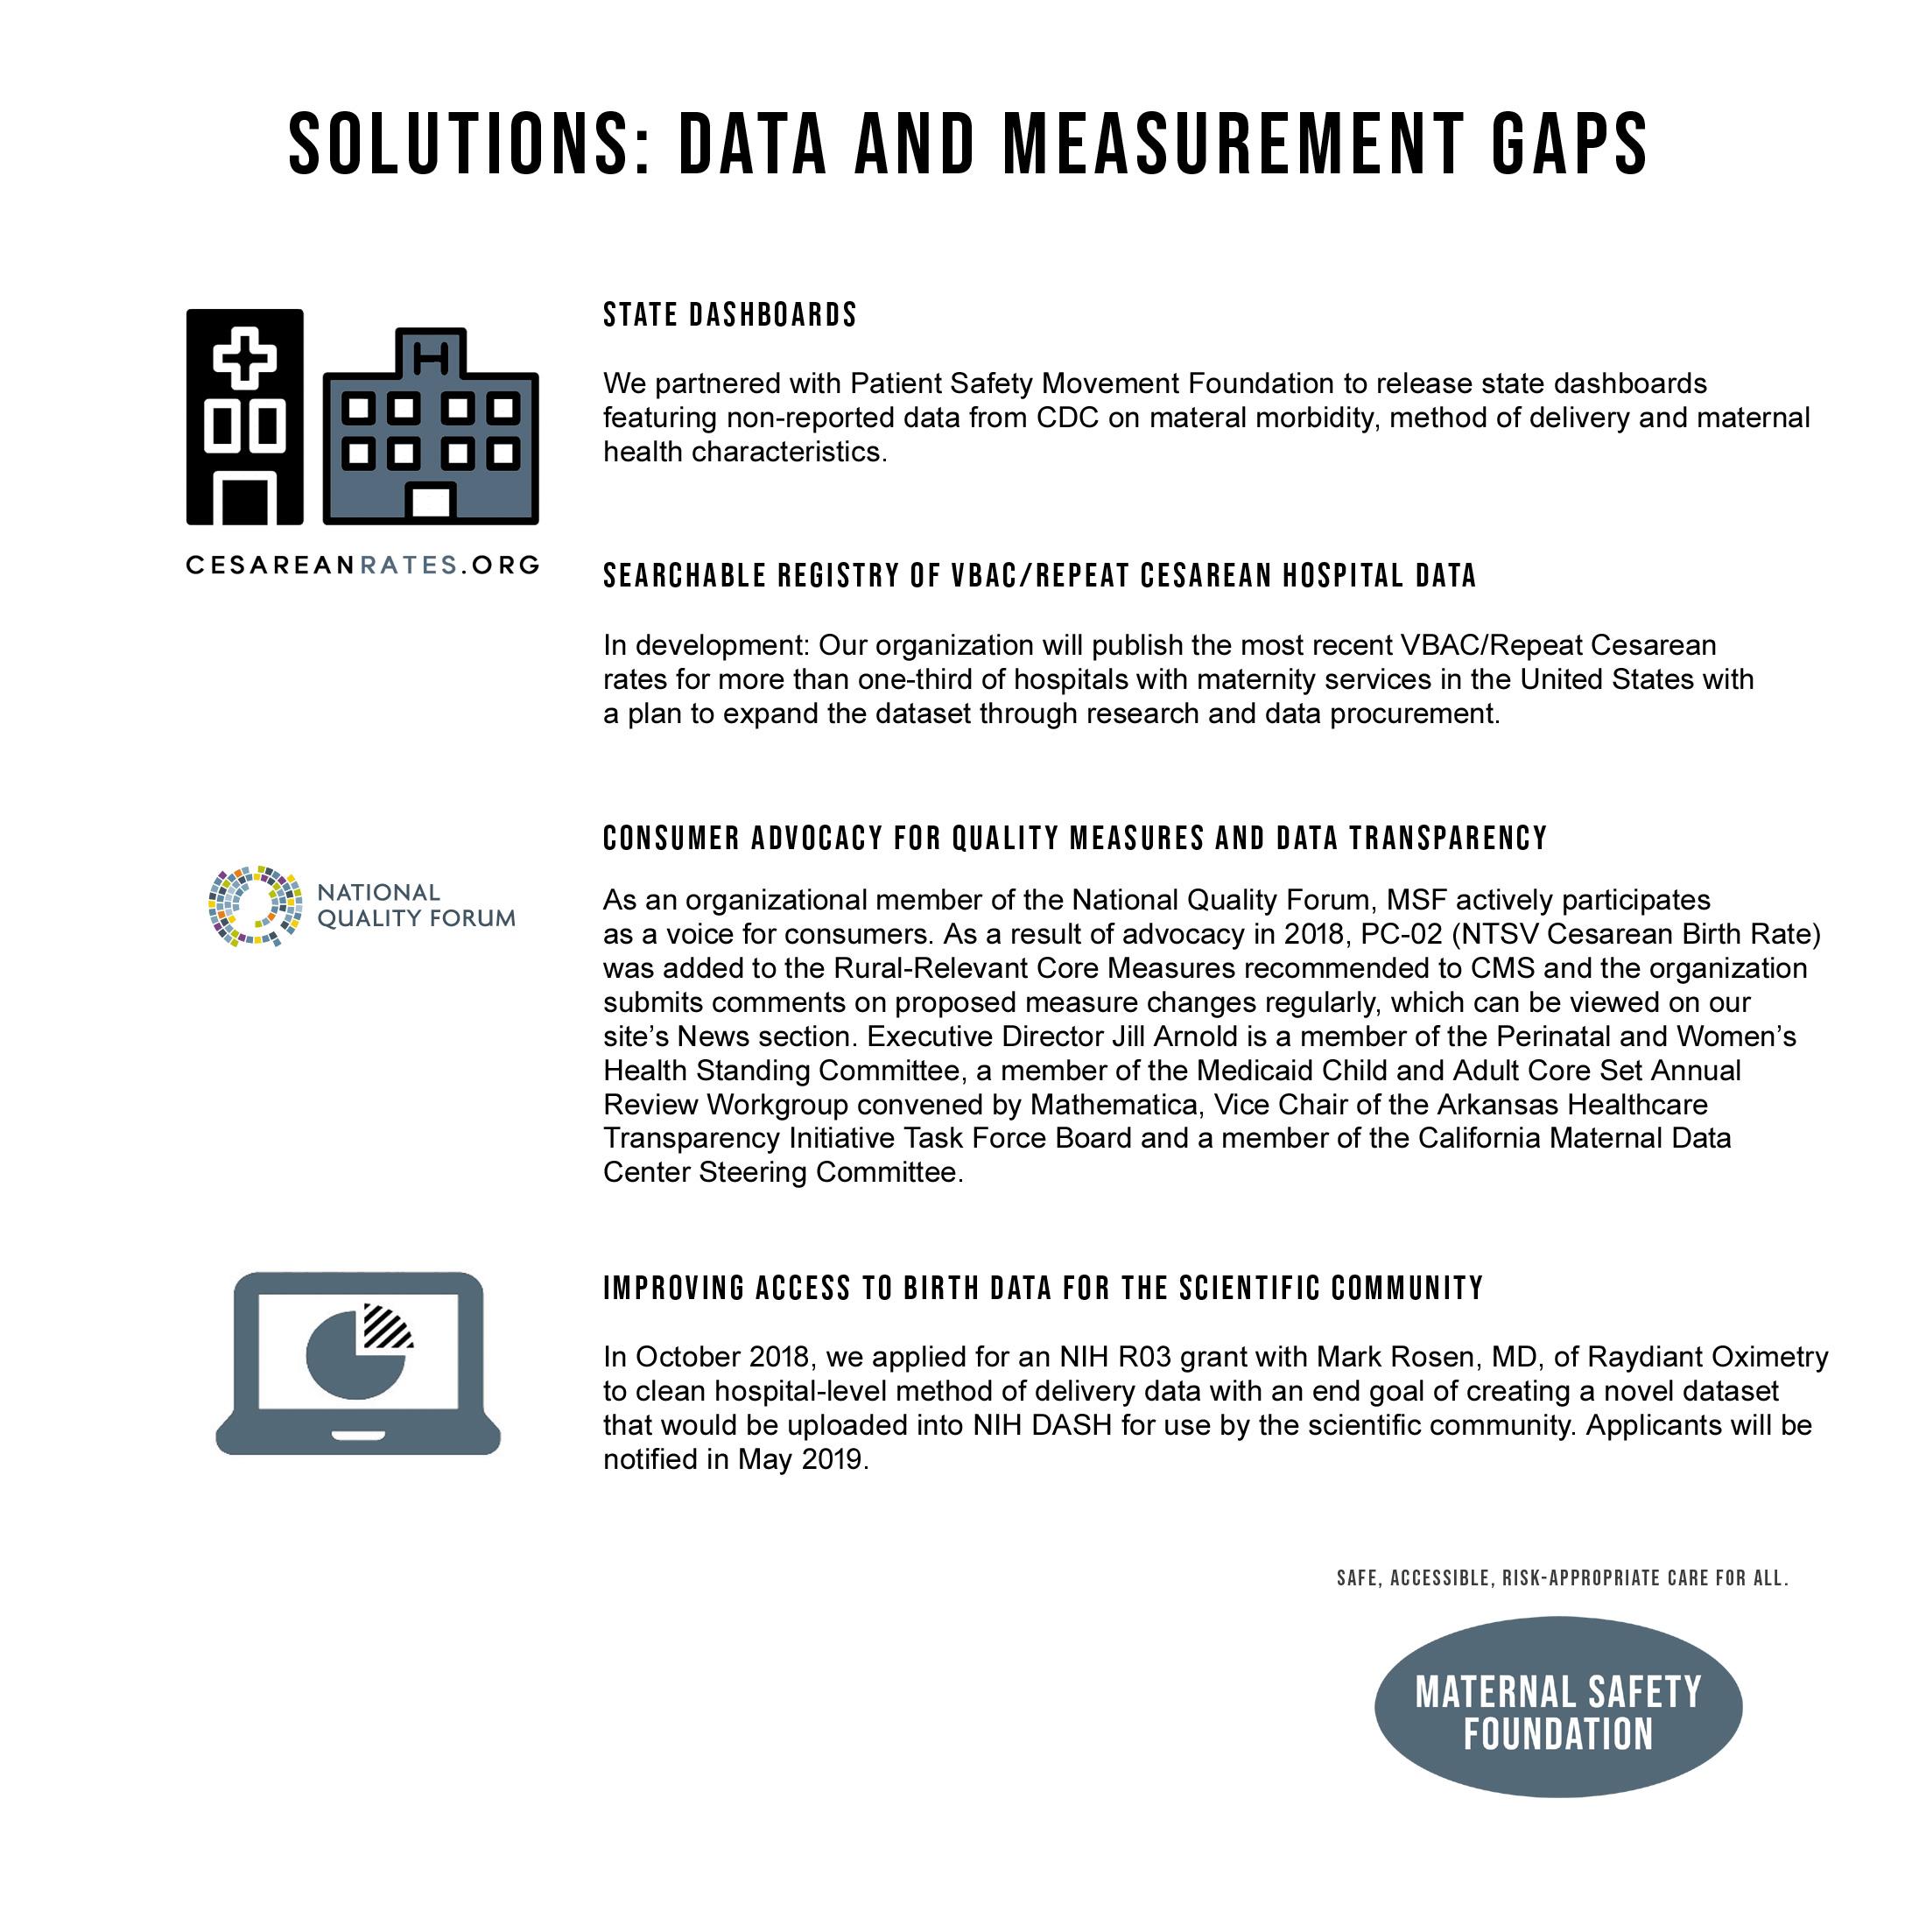 MSF-poster-data-measurement.jpg